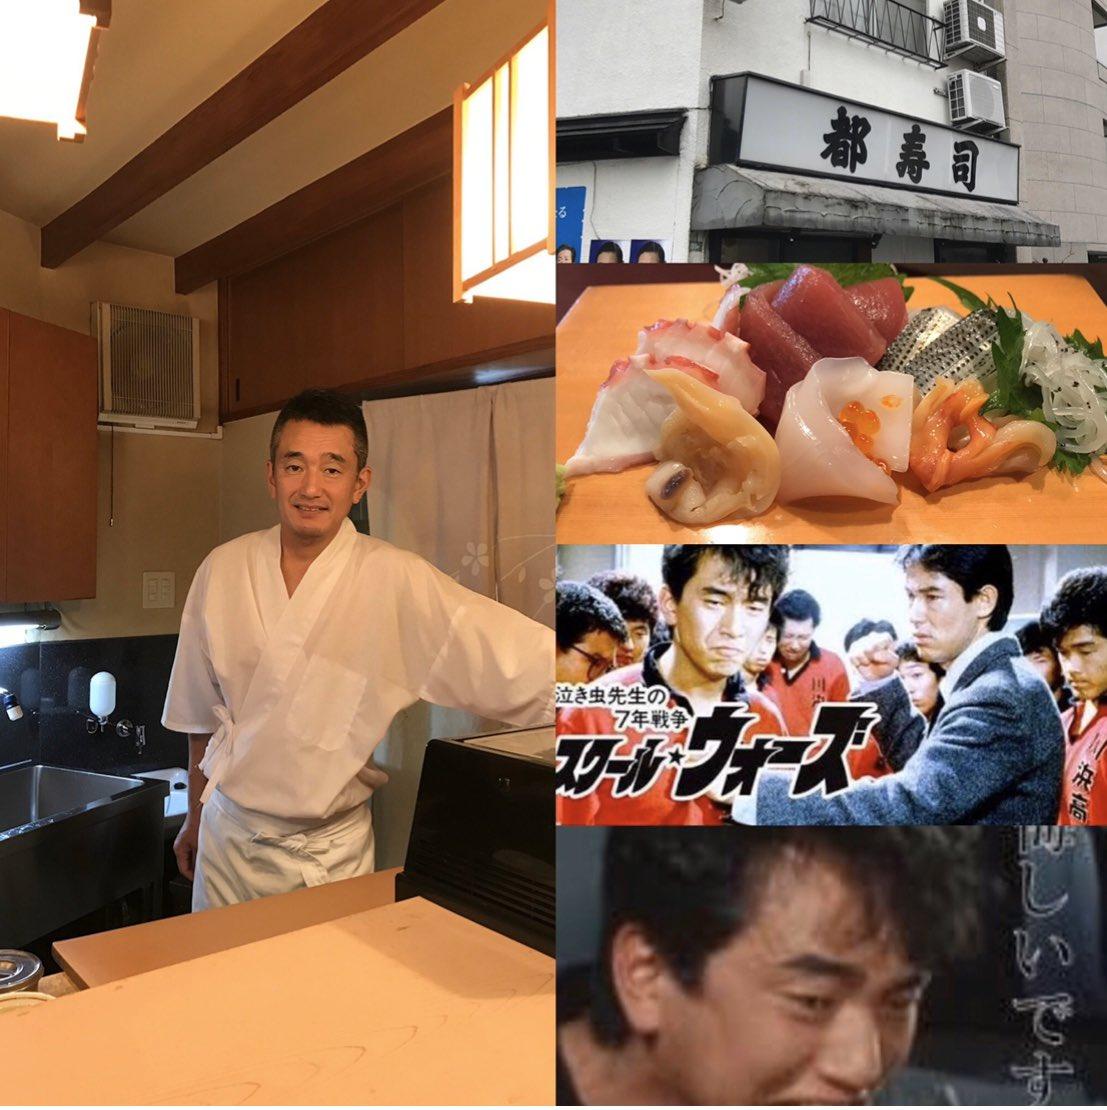 宮田恭男 tagged Tweets and Download Twitter MP4 Videos | Twigur